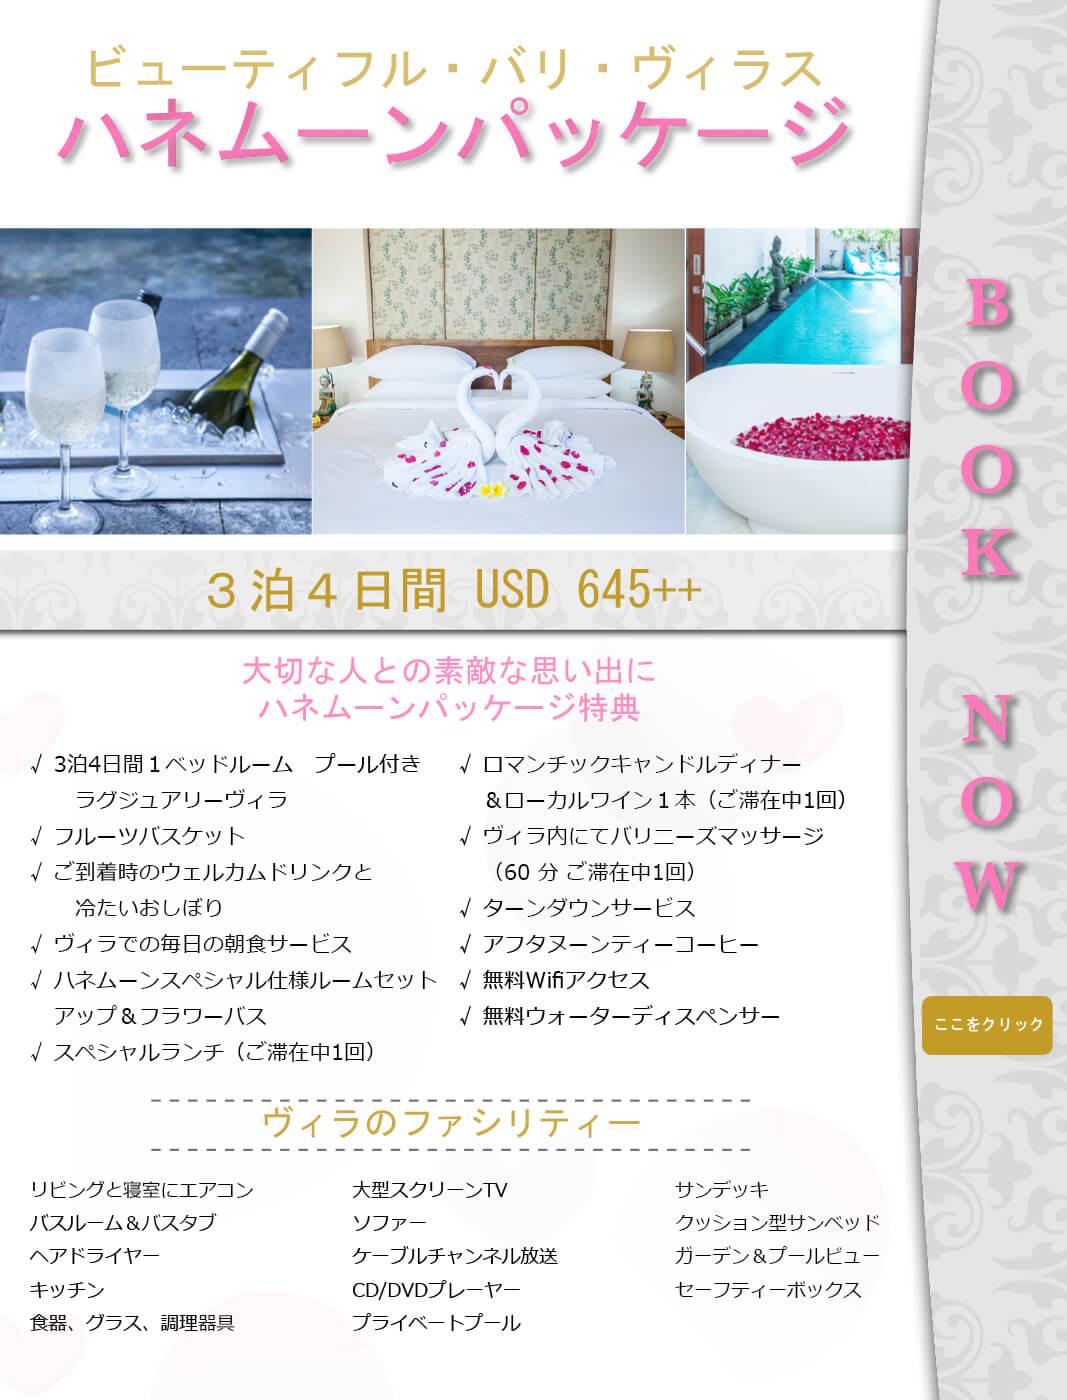 honeymoon Packages BBV Web Japanese Final 2